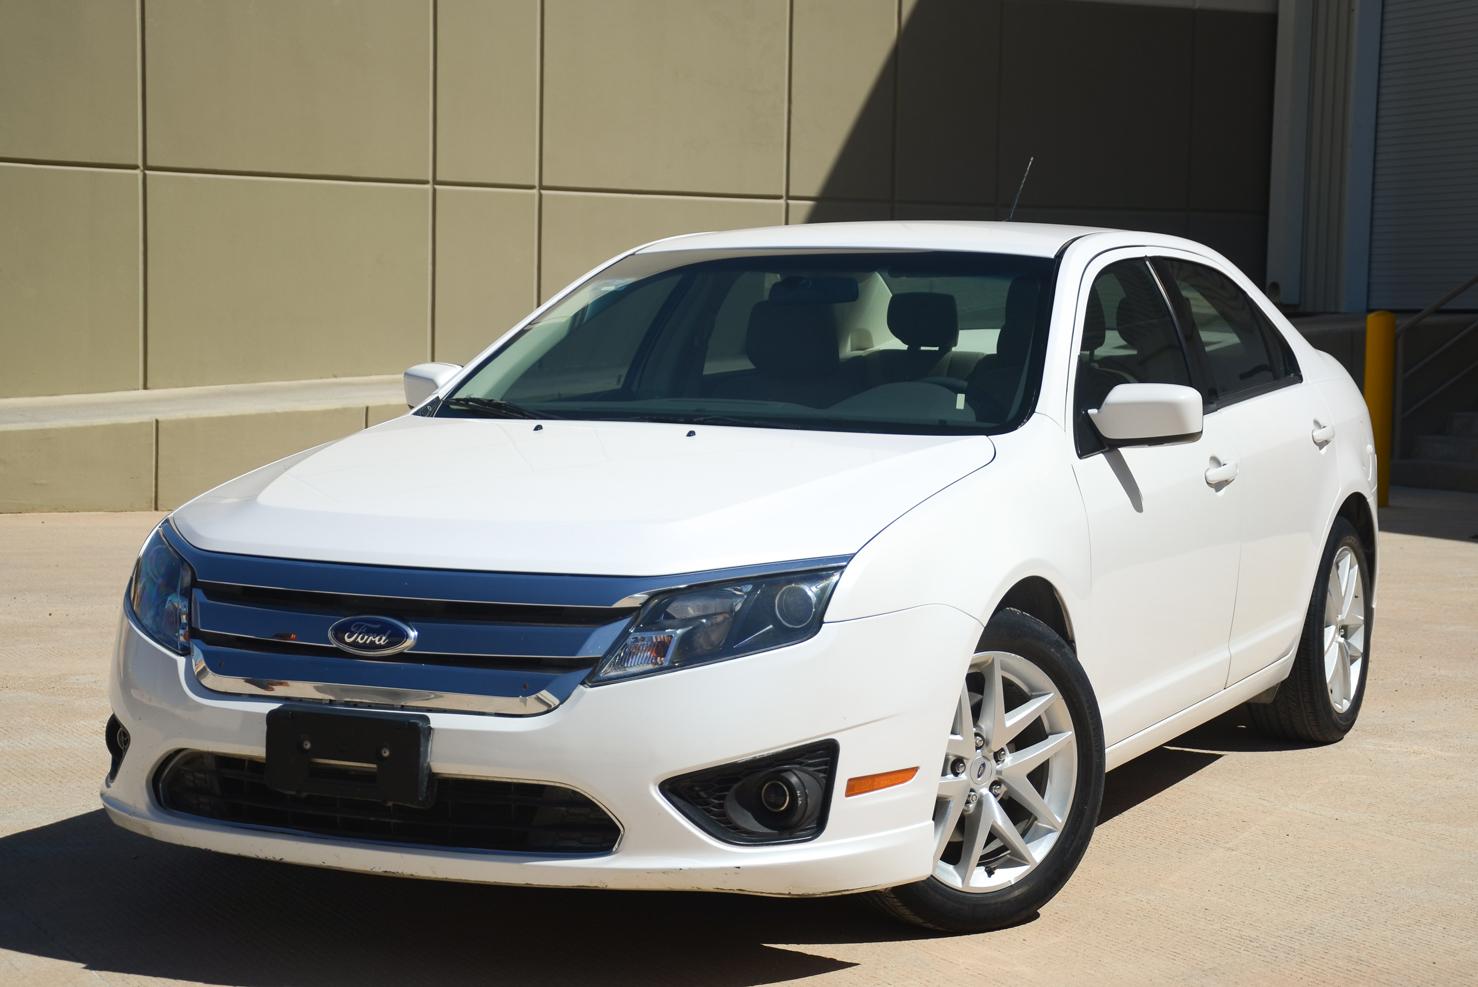 Ford Fusion (Sedanes Medianos de Lujo)